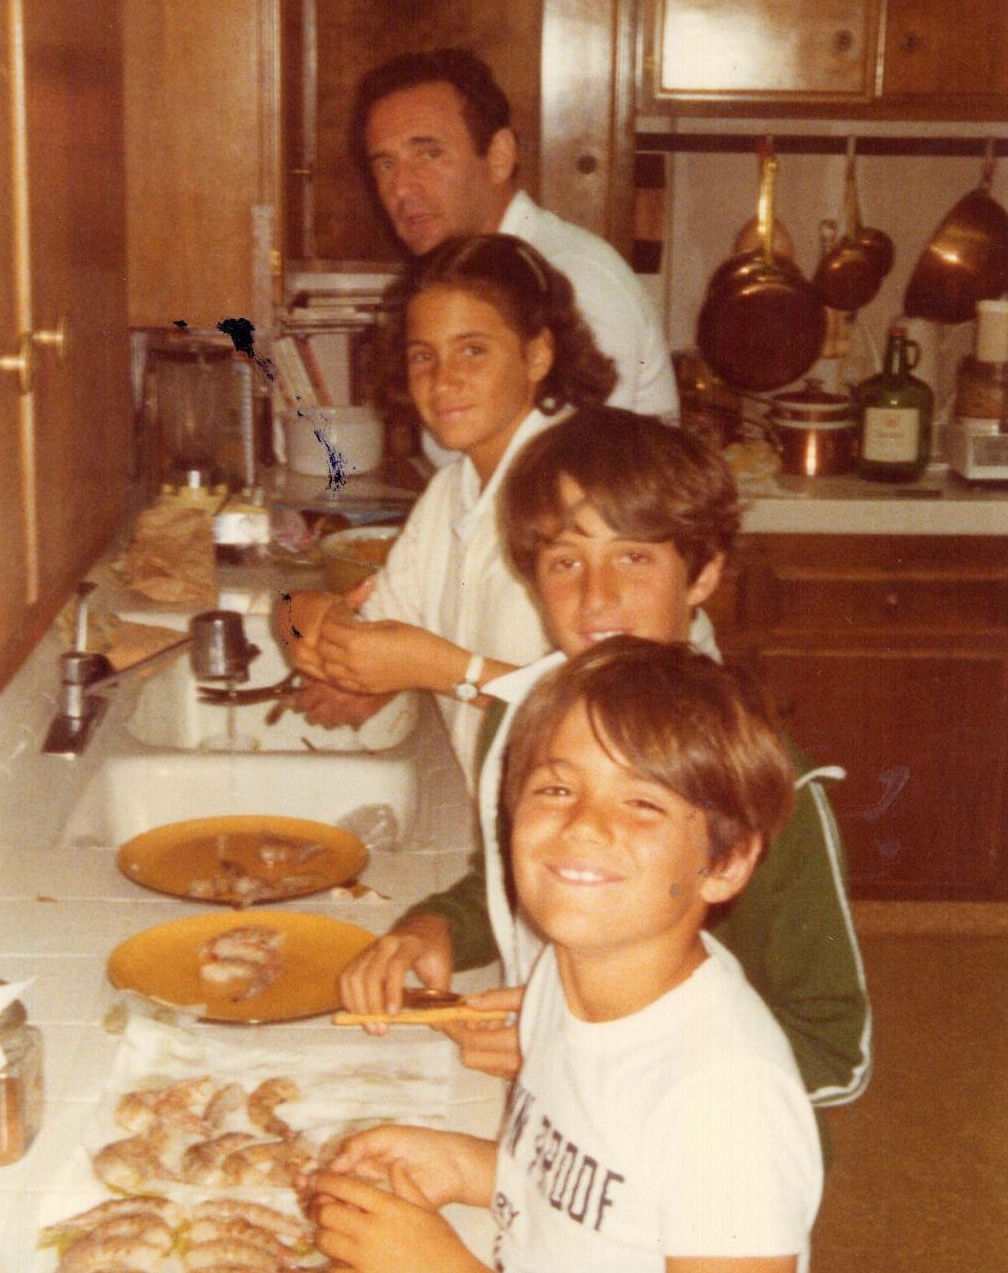 A taste of sugar 1978